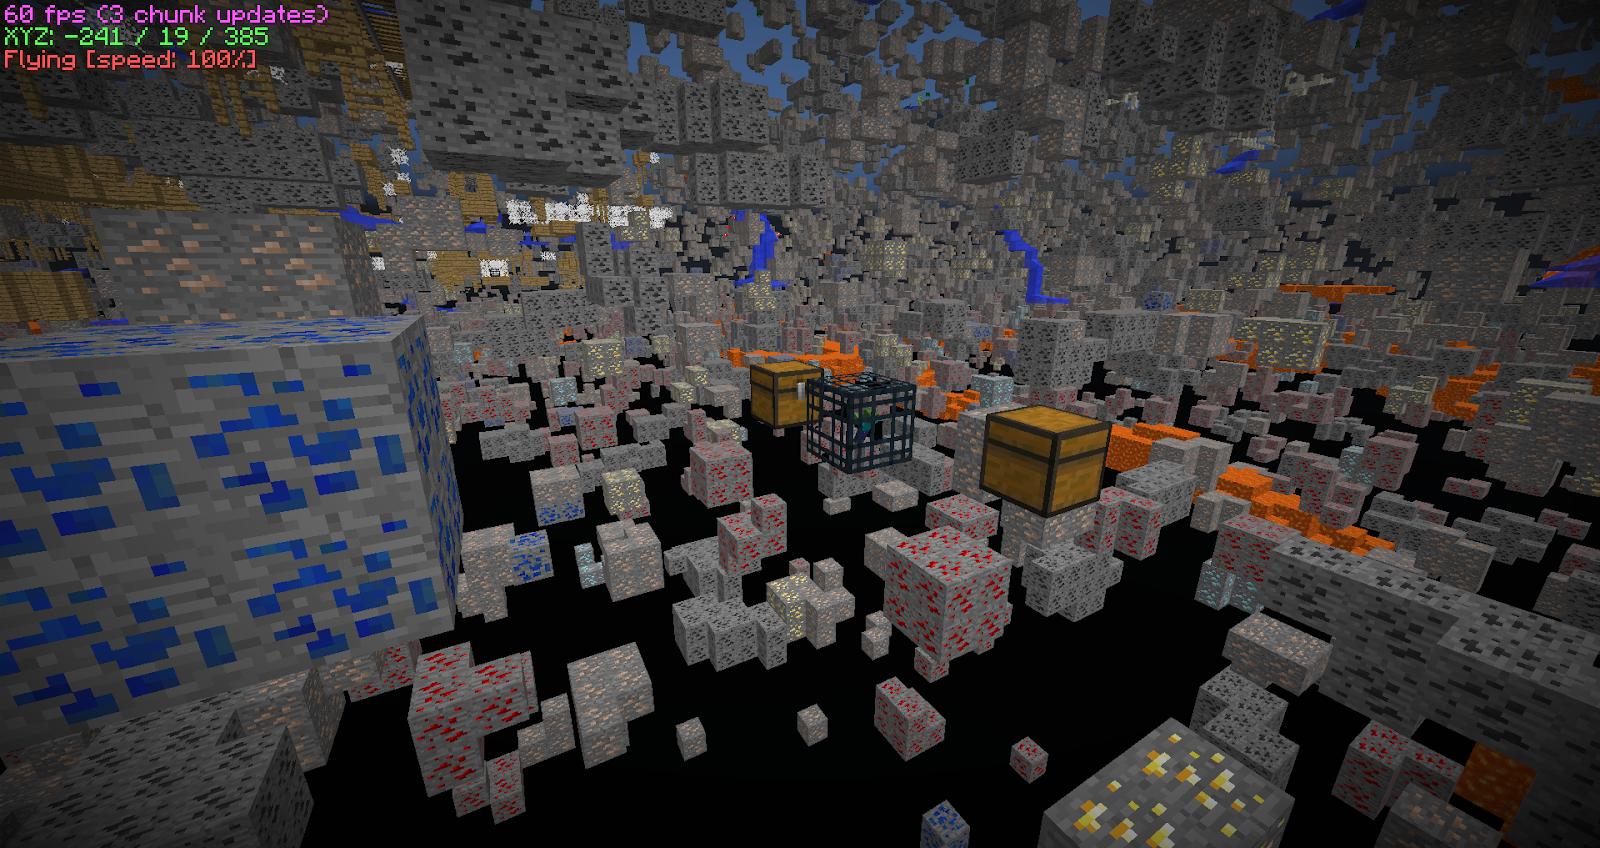 XRay Mod 10.1010.10  Como Instalar Mods No Minecraft - Os melhores